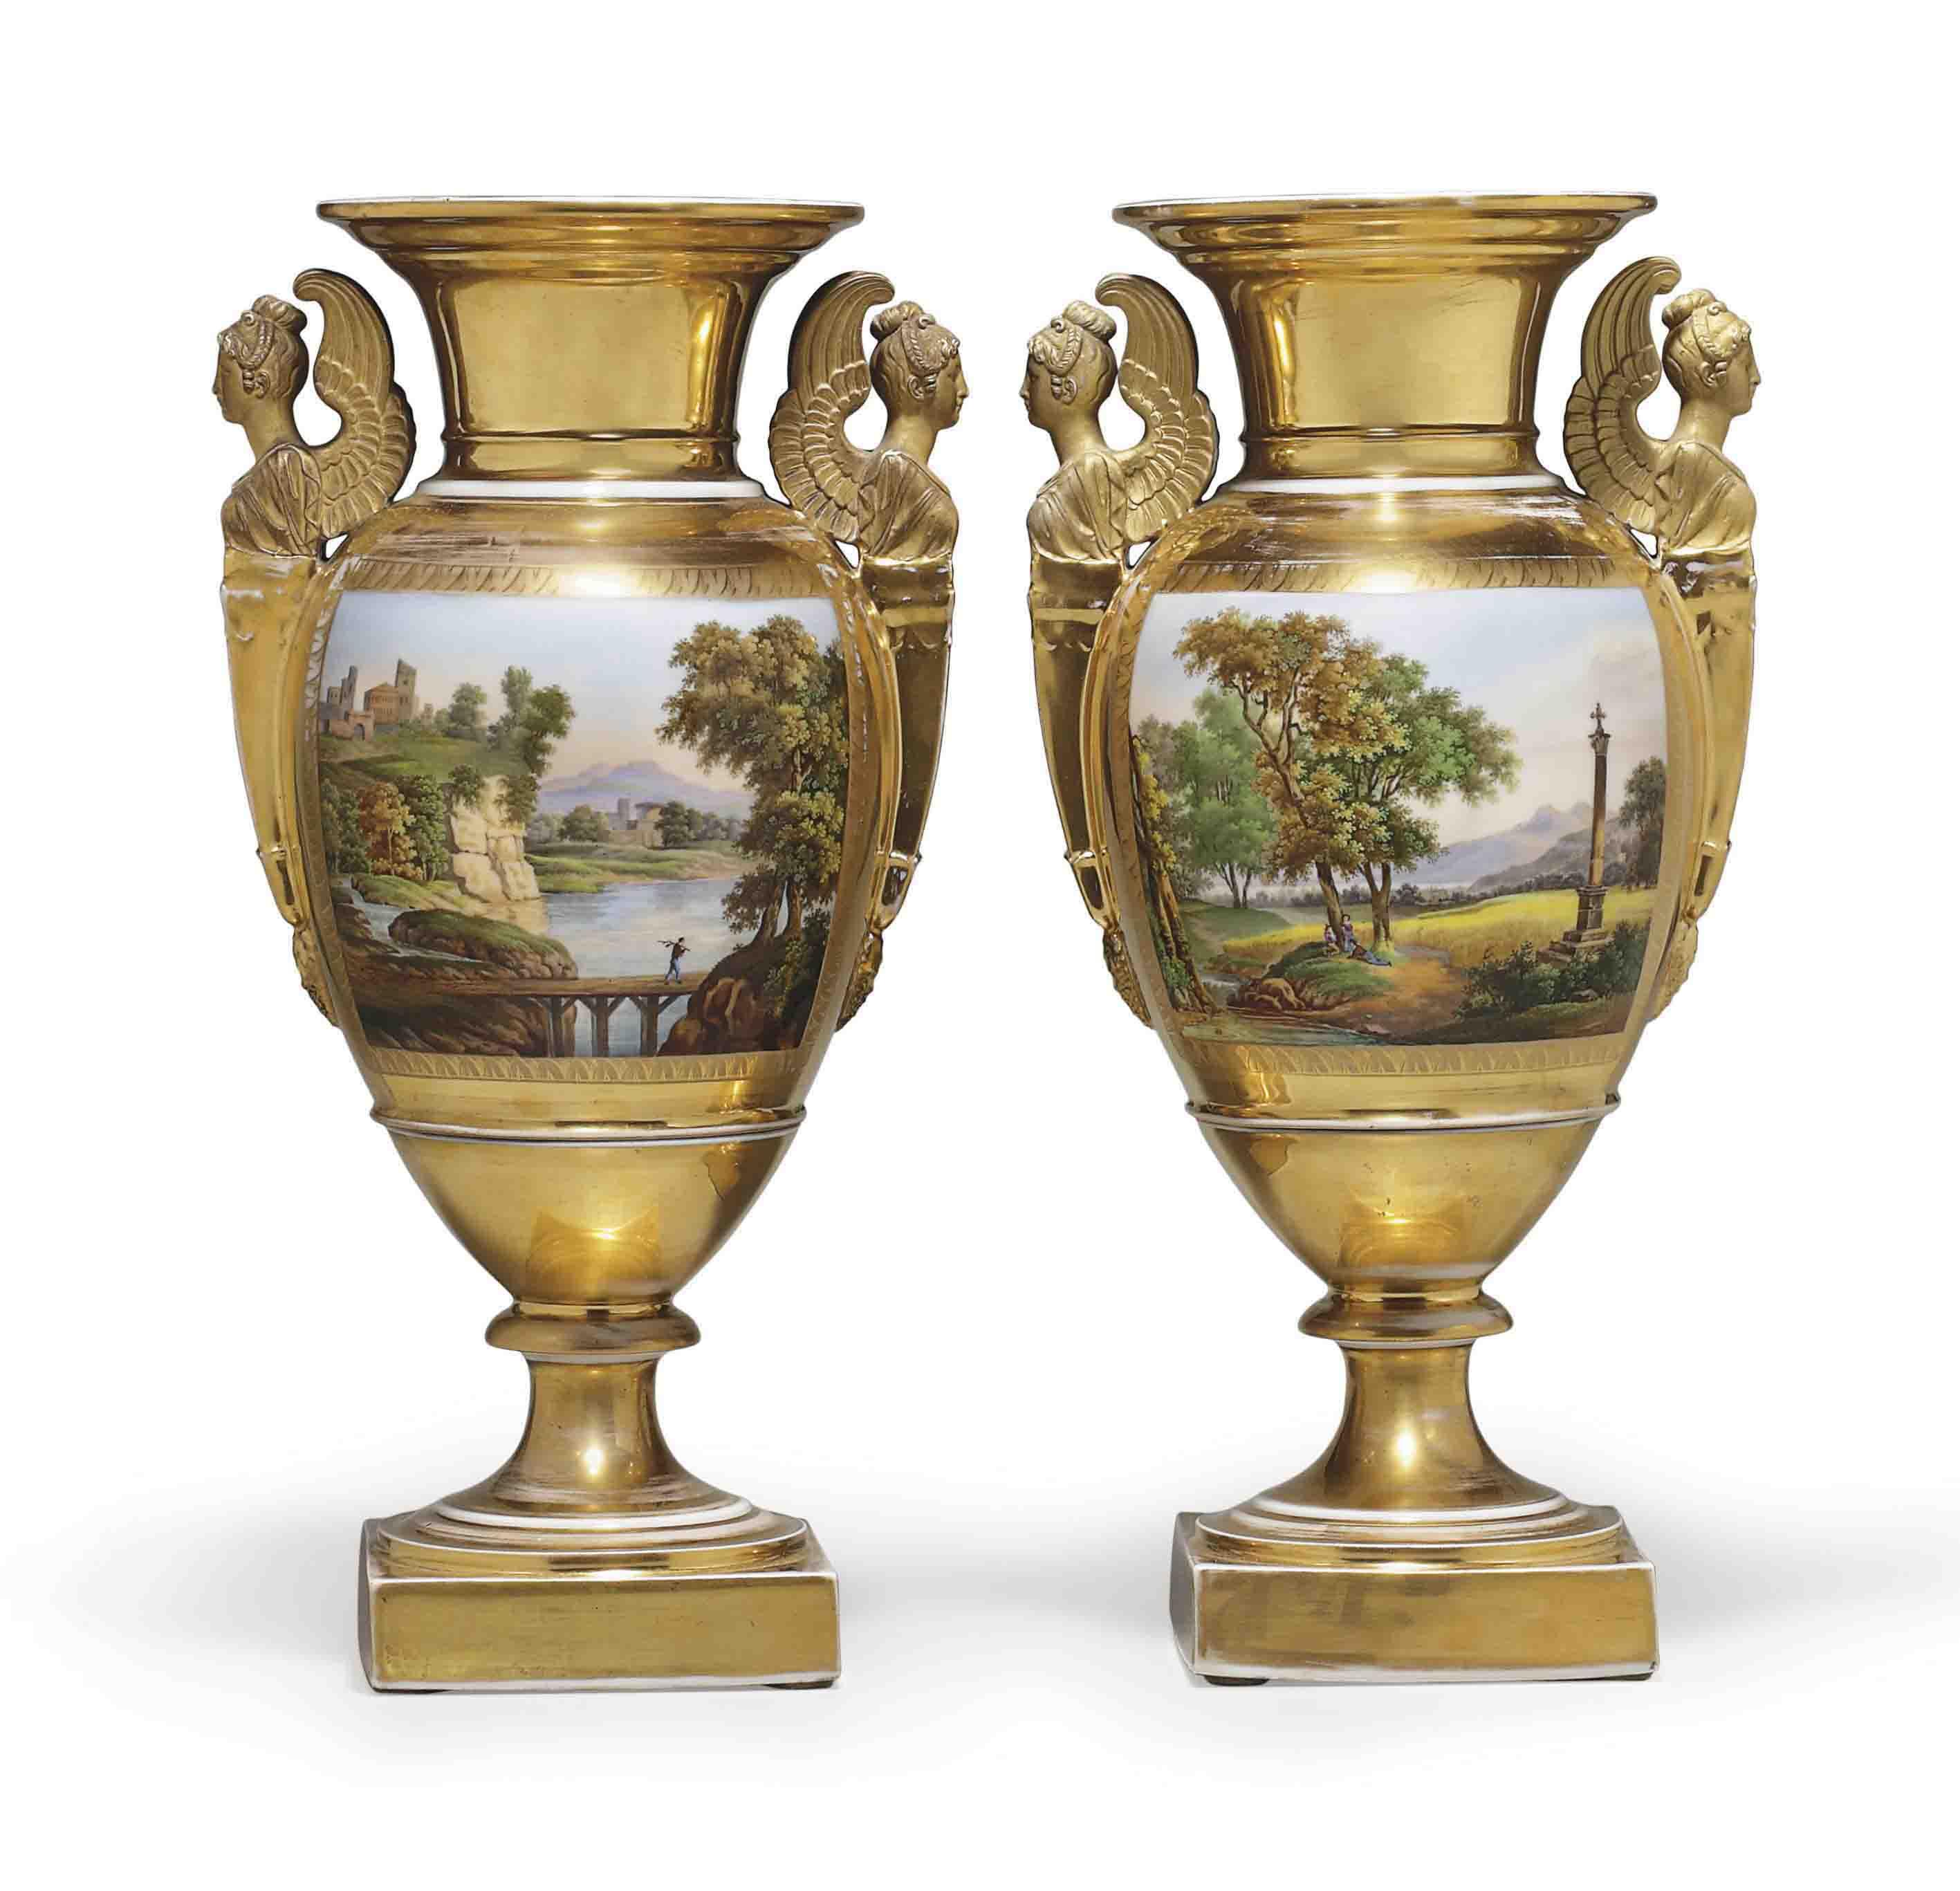 A PAIR OF PARIS PORCELAIN GOLD-GROUND VASES